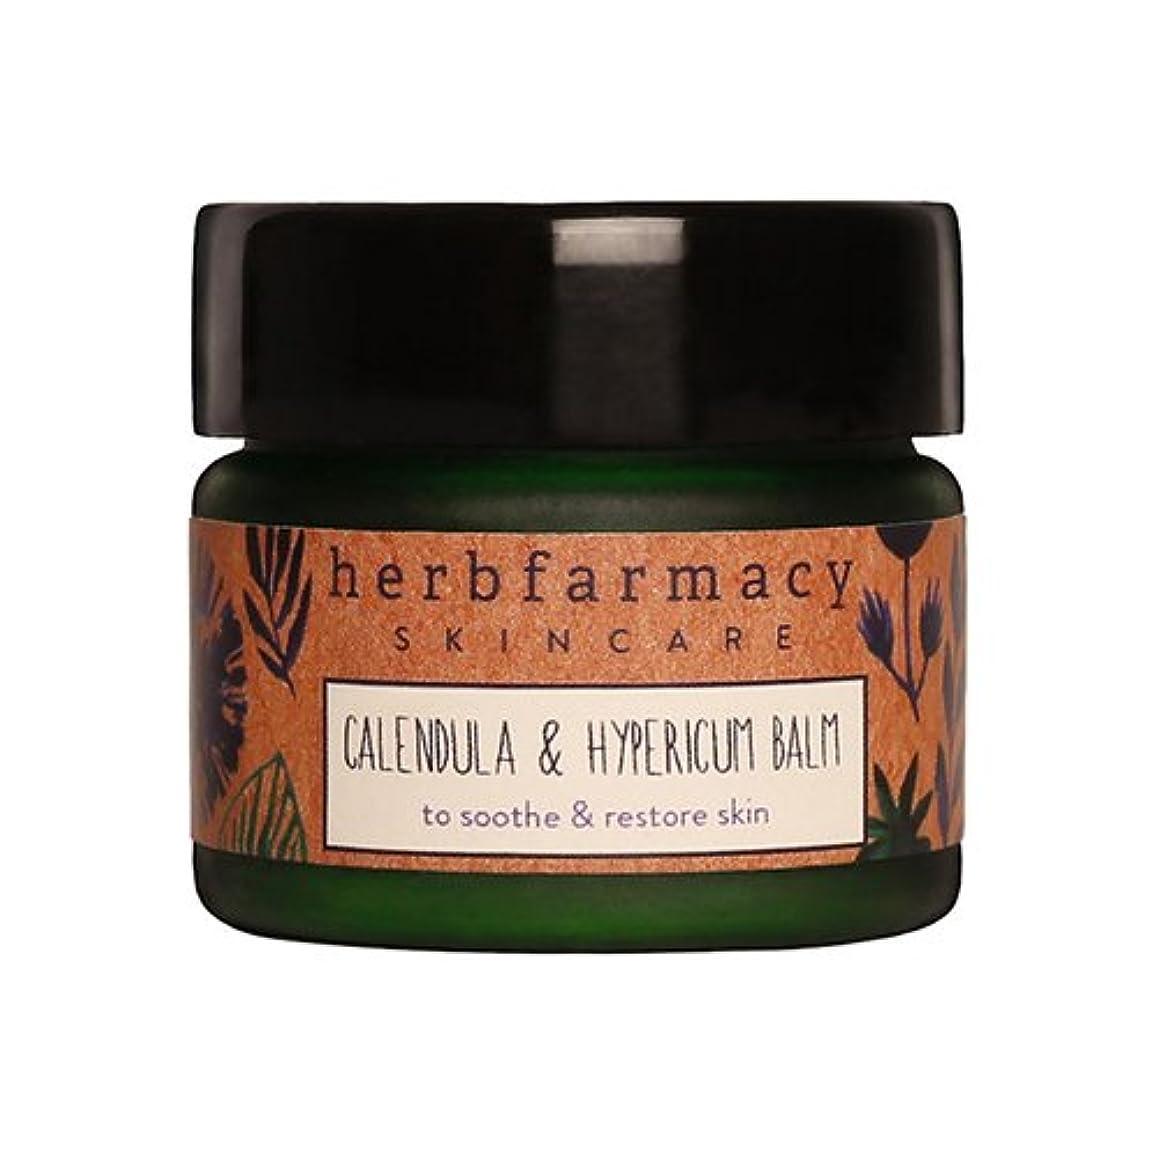 原因増強秘密のハーブファーマシー (herbfarmacy) カーミング バーム 〈フェイスバーム〉 (20mL)